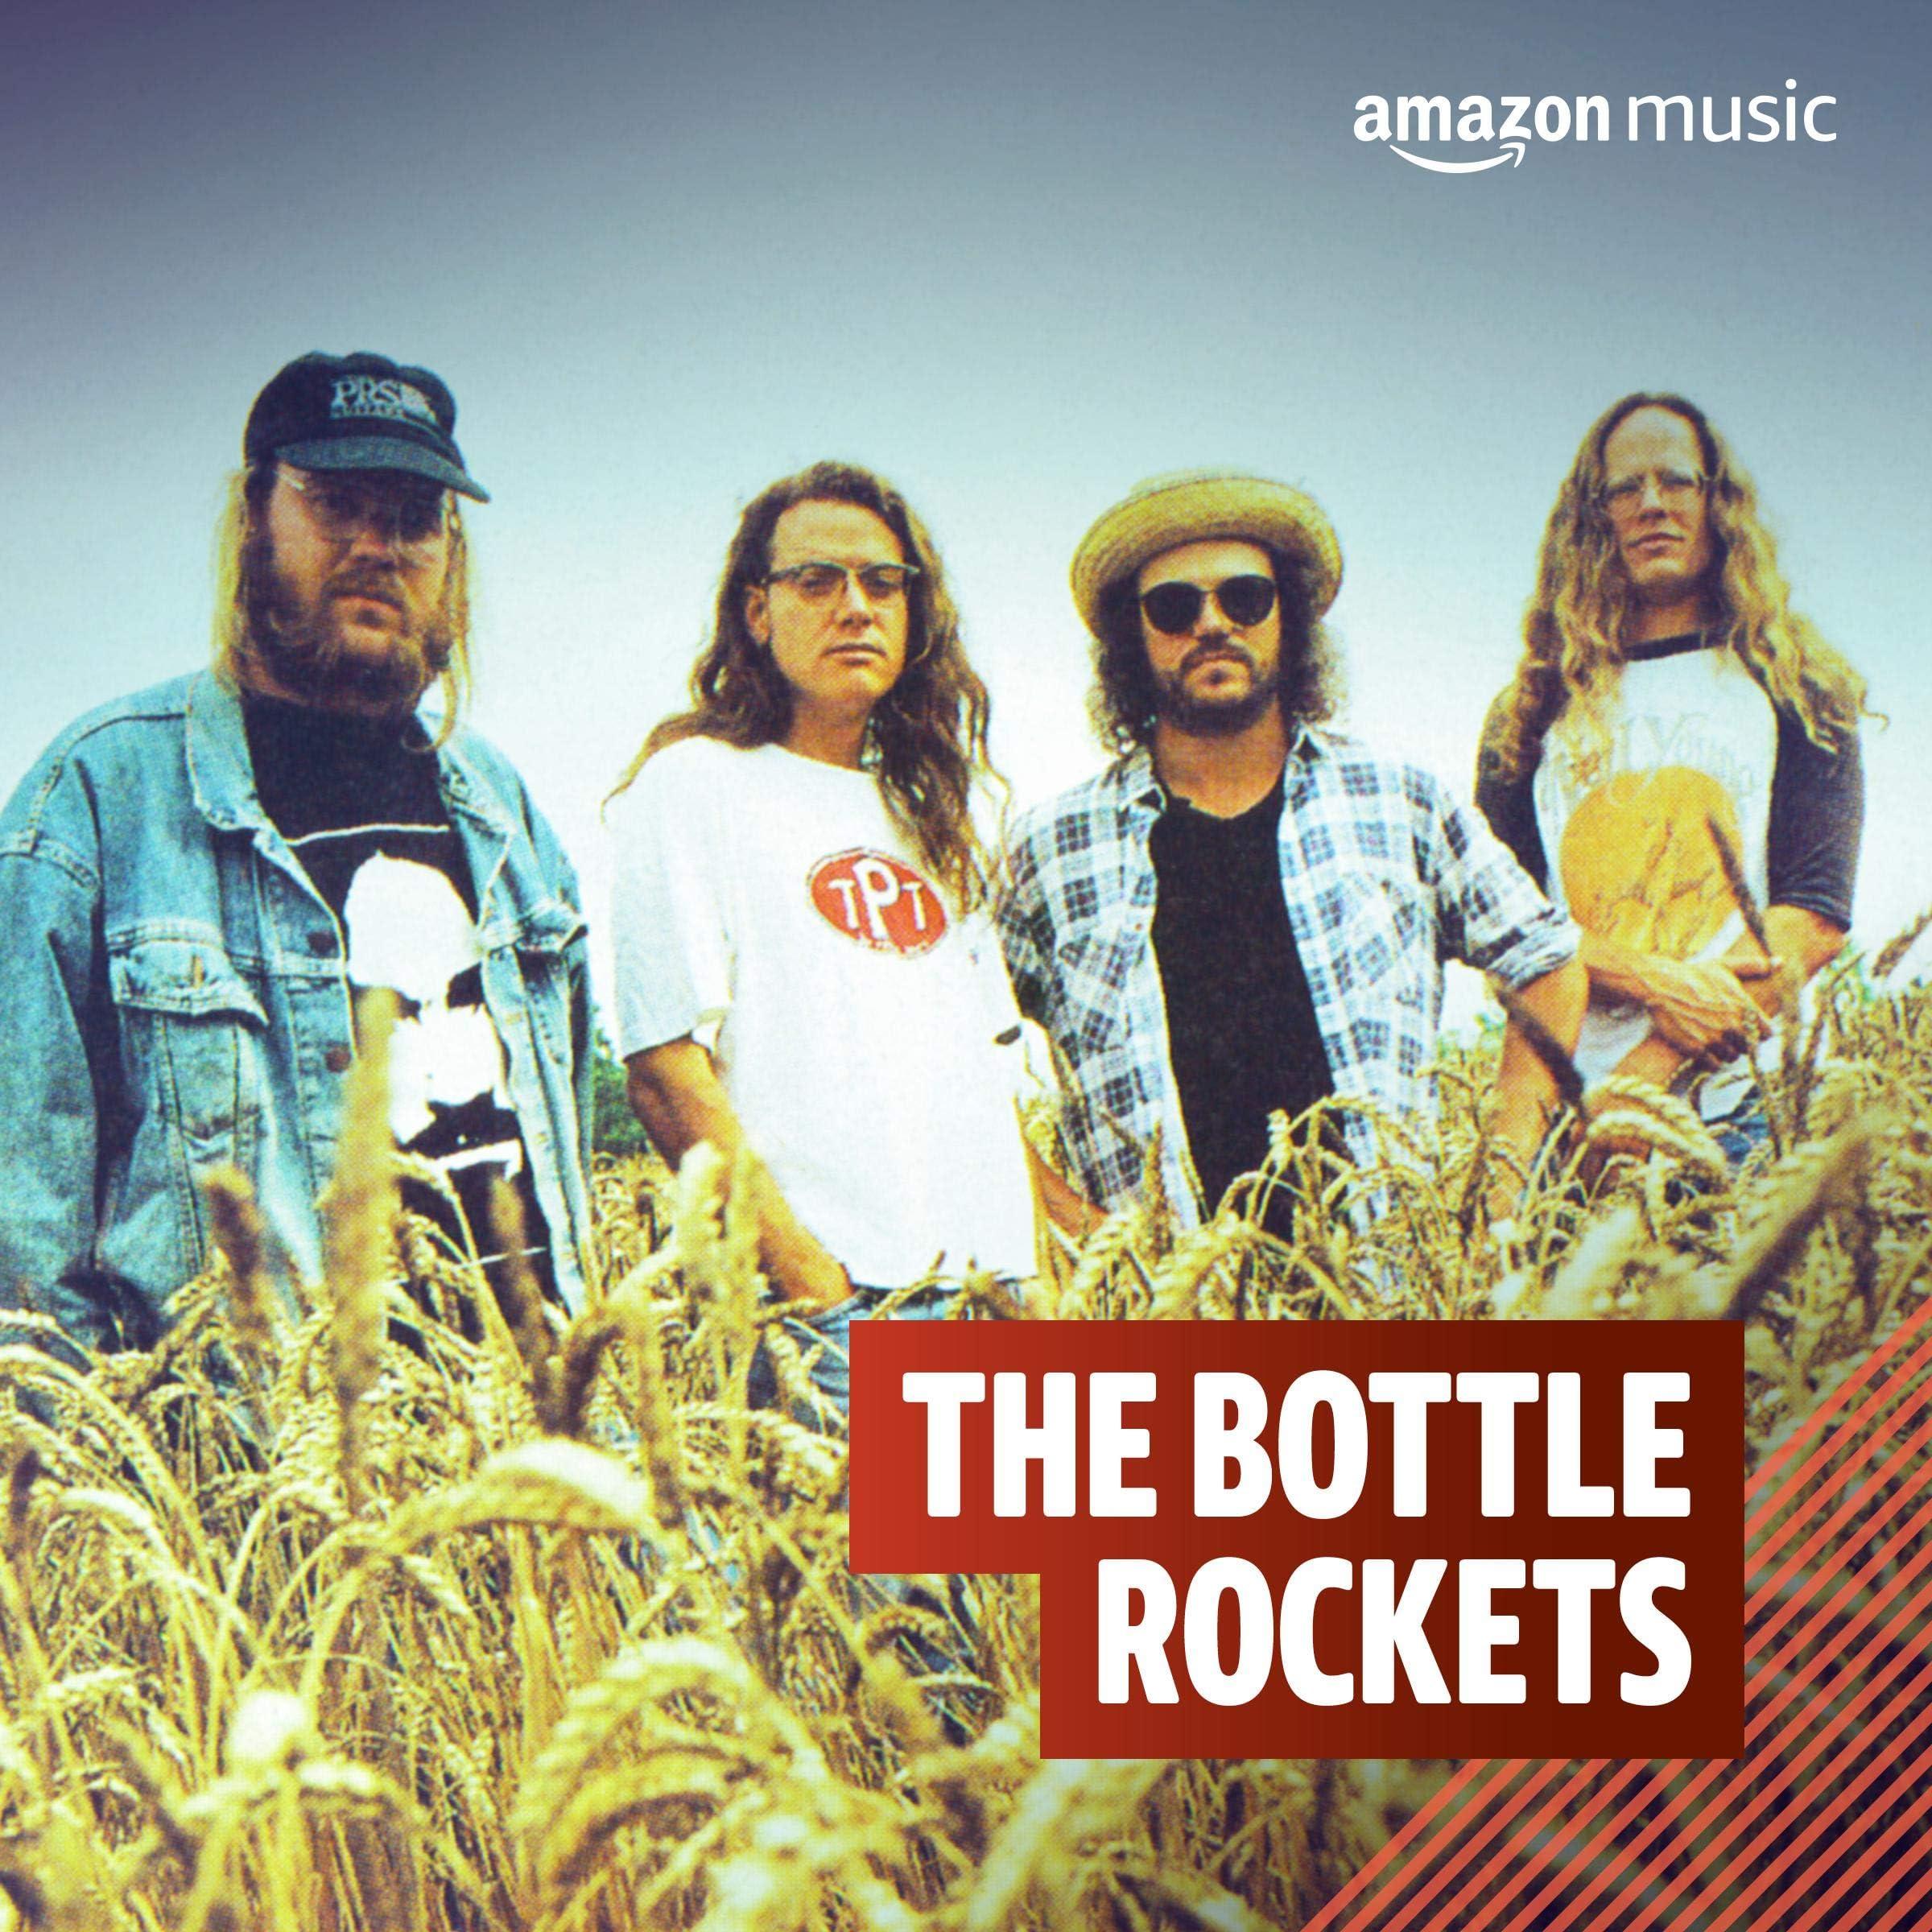 The Bottle Rockets